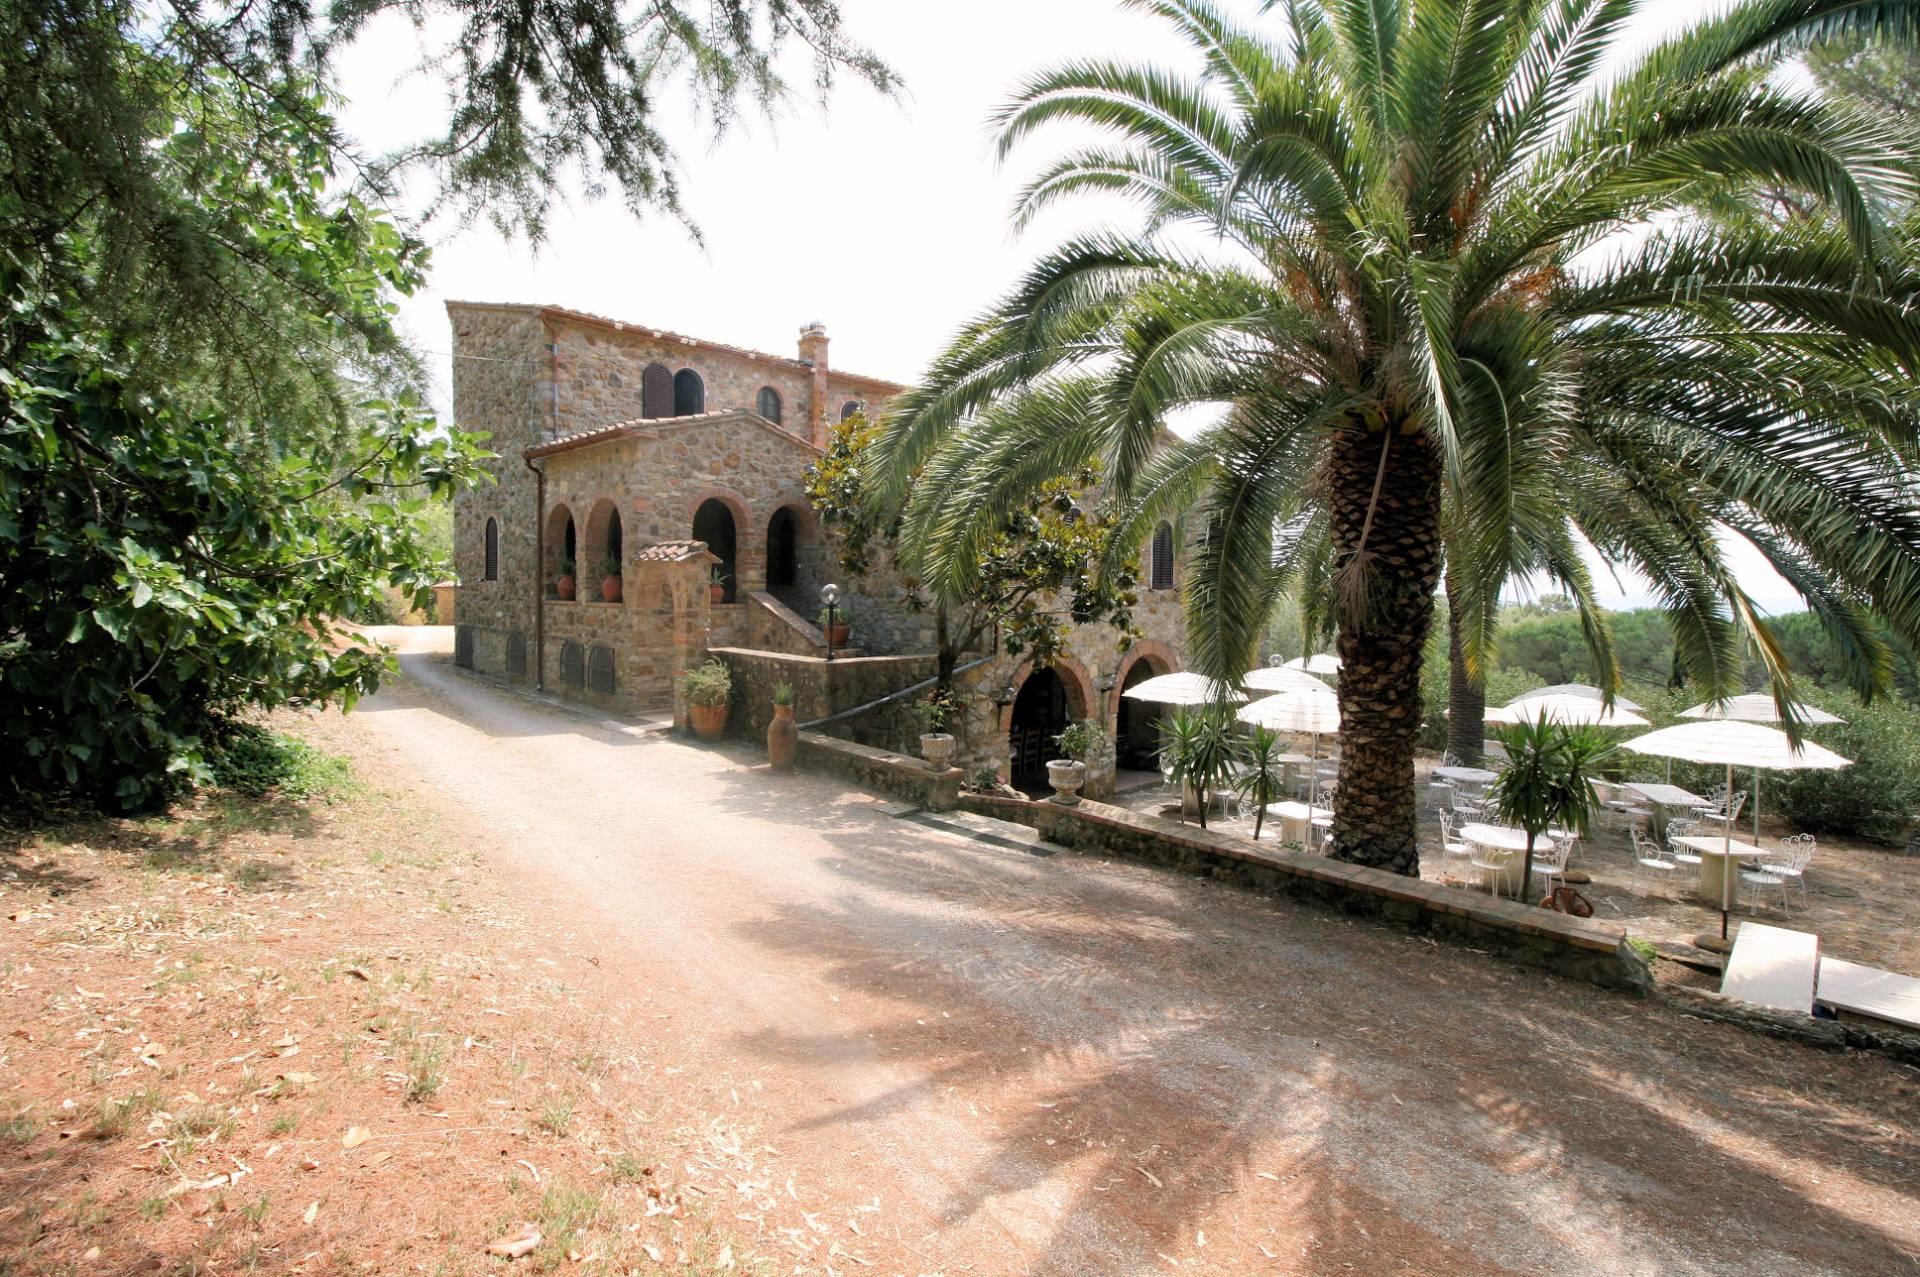 Rustico / Casale in vendita a Suvereto, 15 locali, prezzo € 1.200.000 | CambioCasa.it